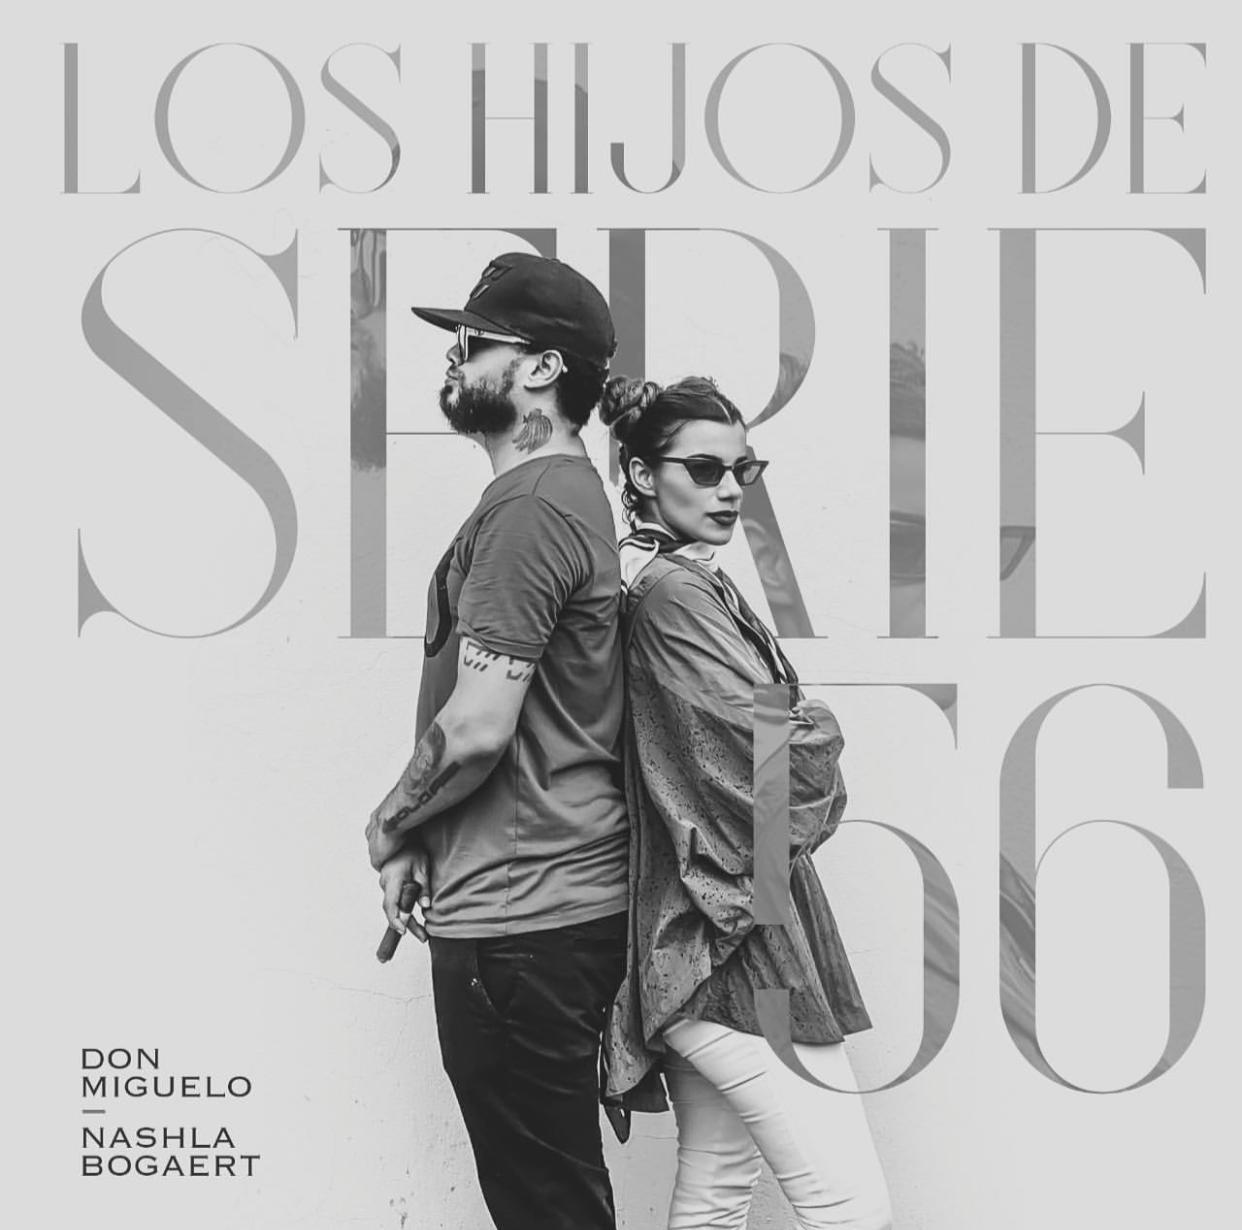 """Don Miguelo y Nashla Bogaert tendencia #1 por videoclip """"Quien e ete"""""""